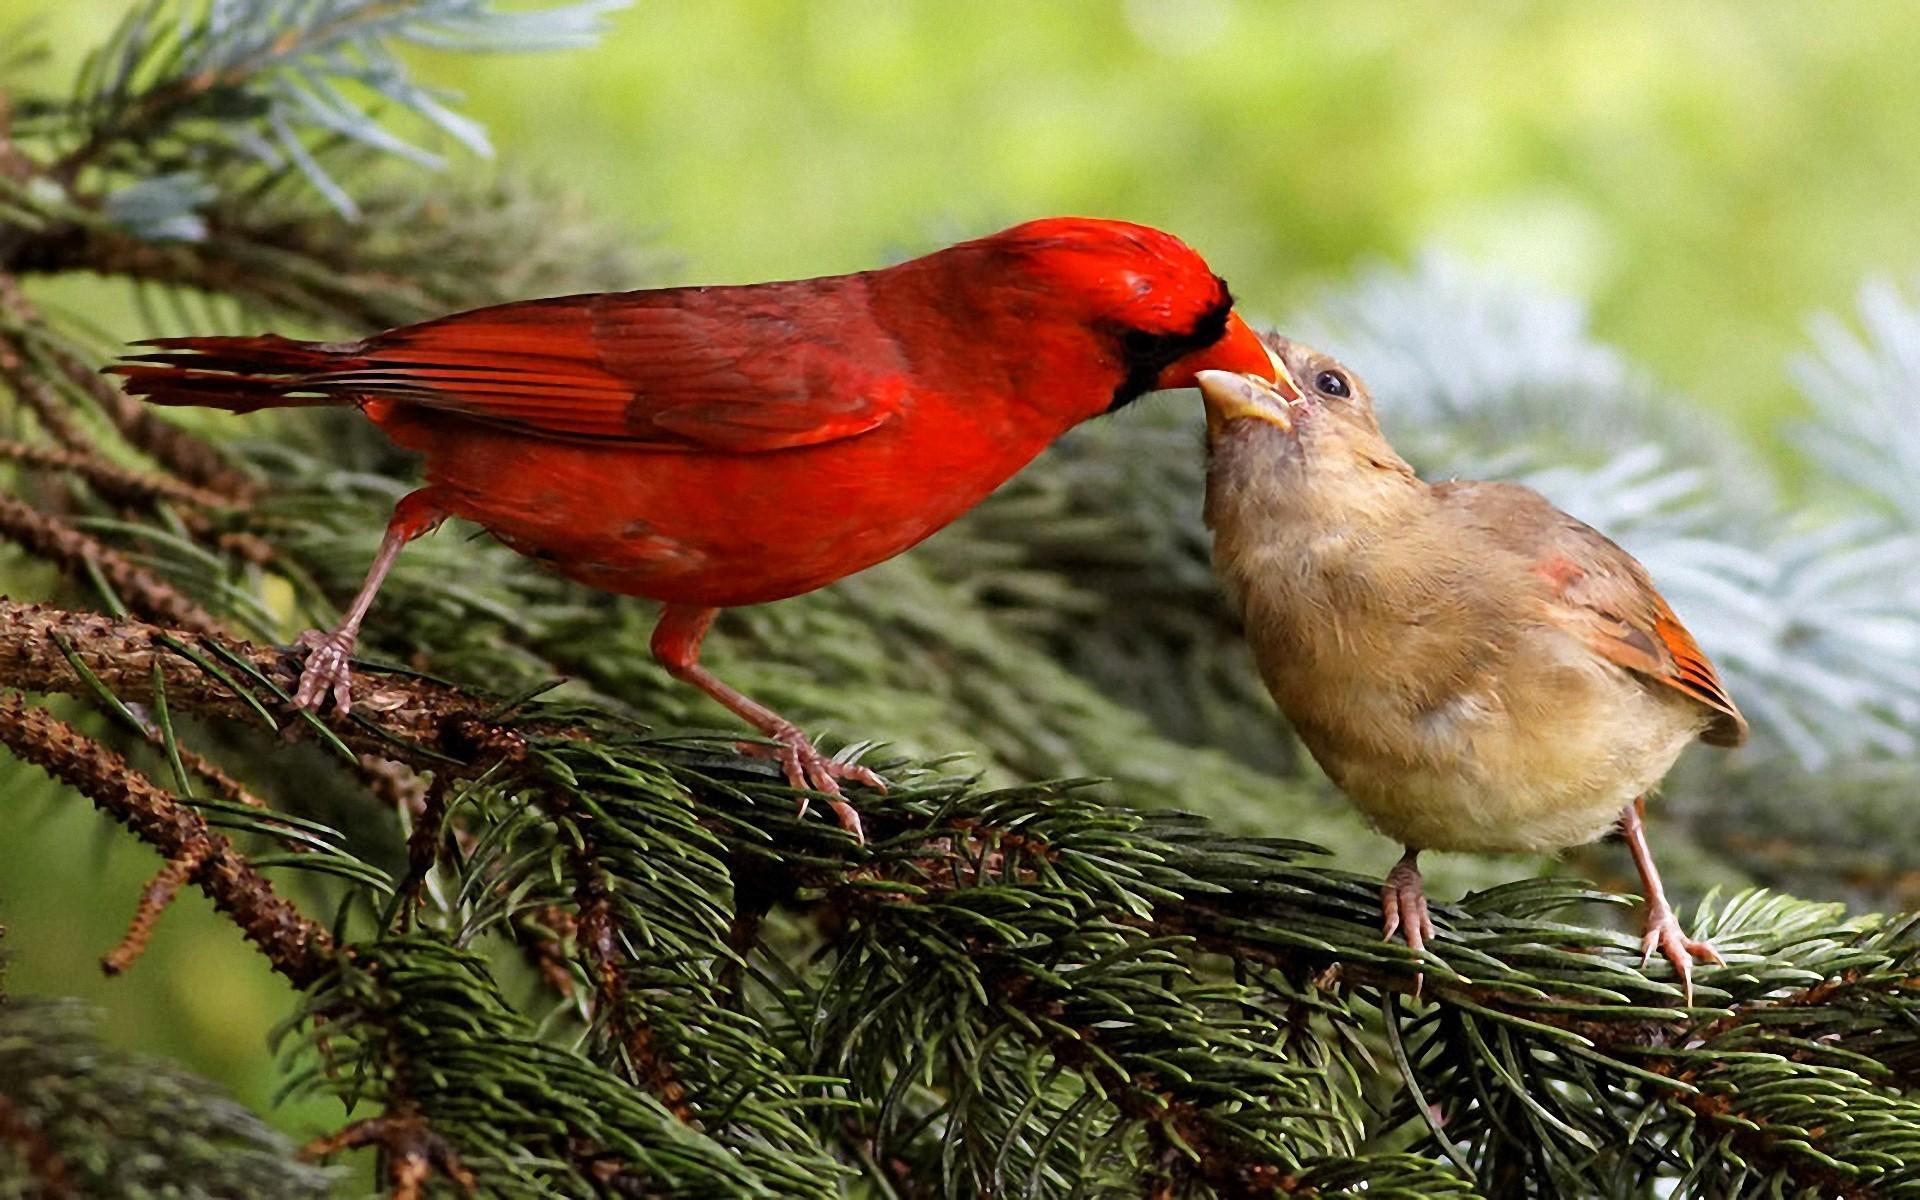 должен обладать посмотреть фото животных и птиц образование выпуклое, имеет